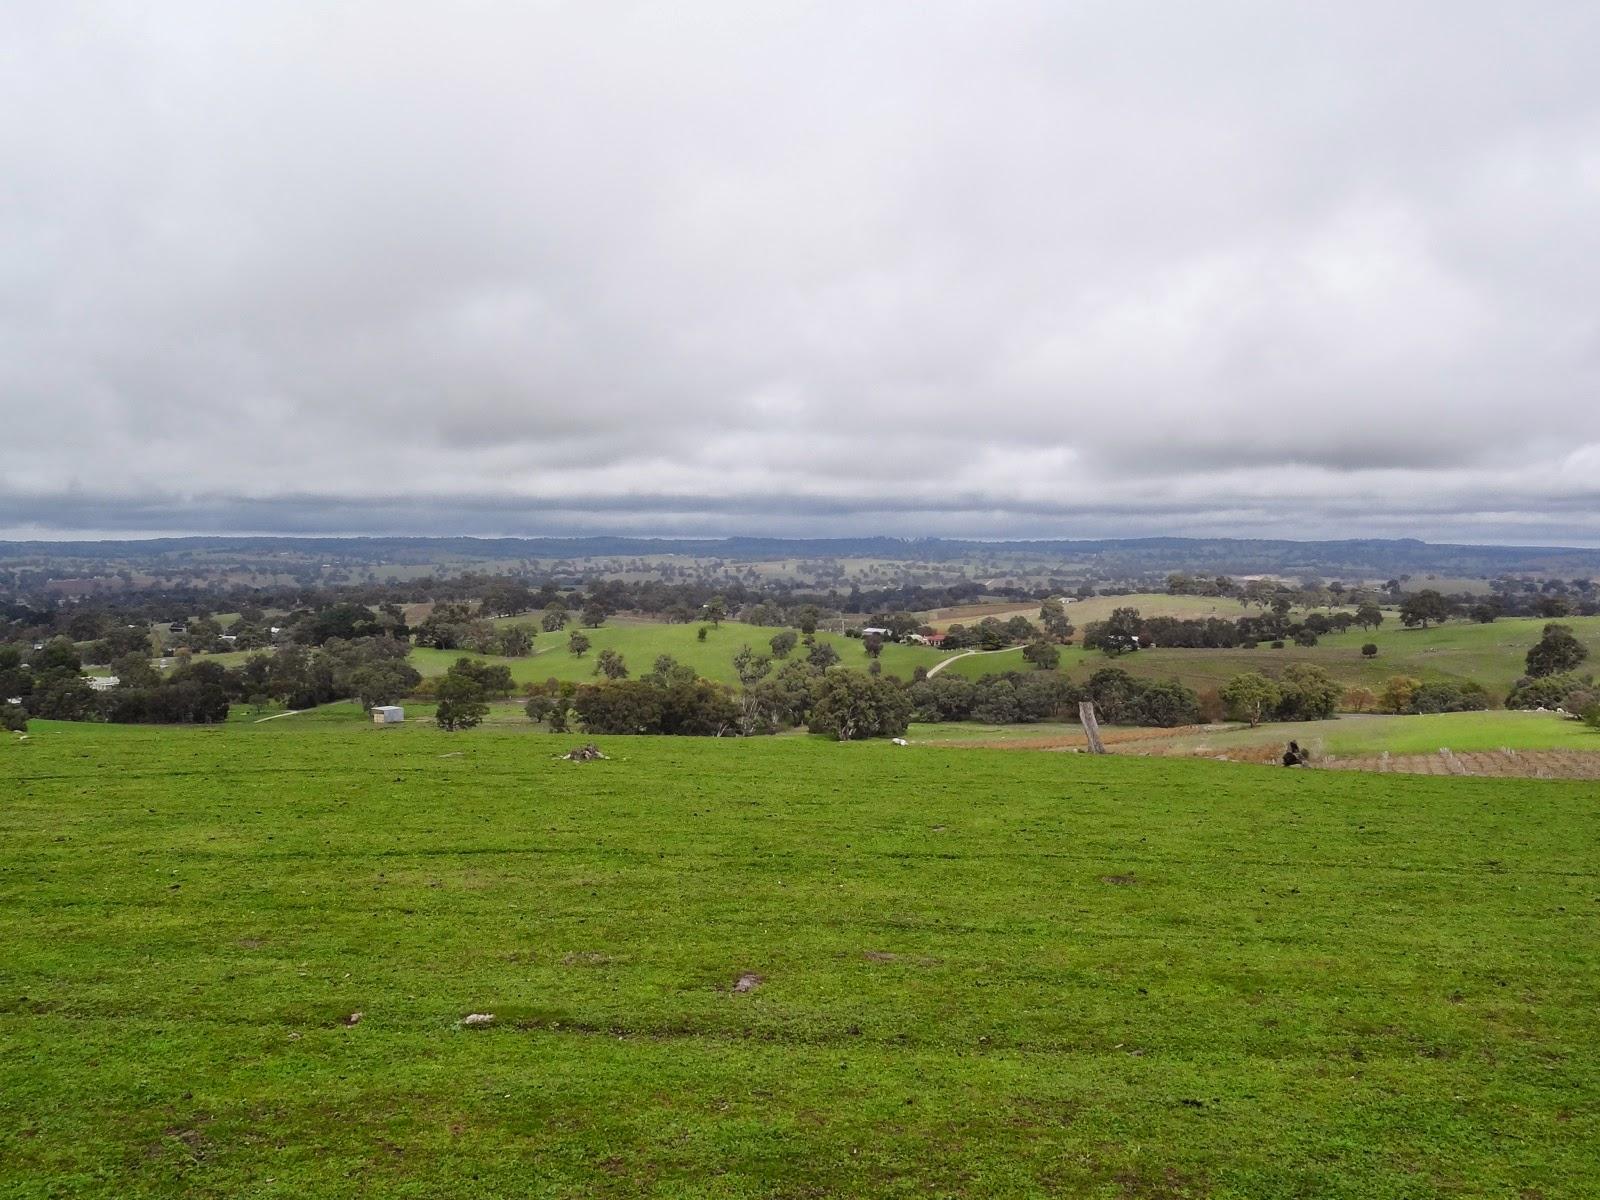 Eden Valley lookout